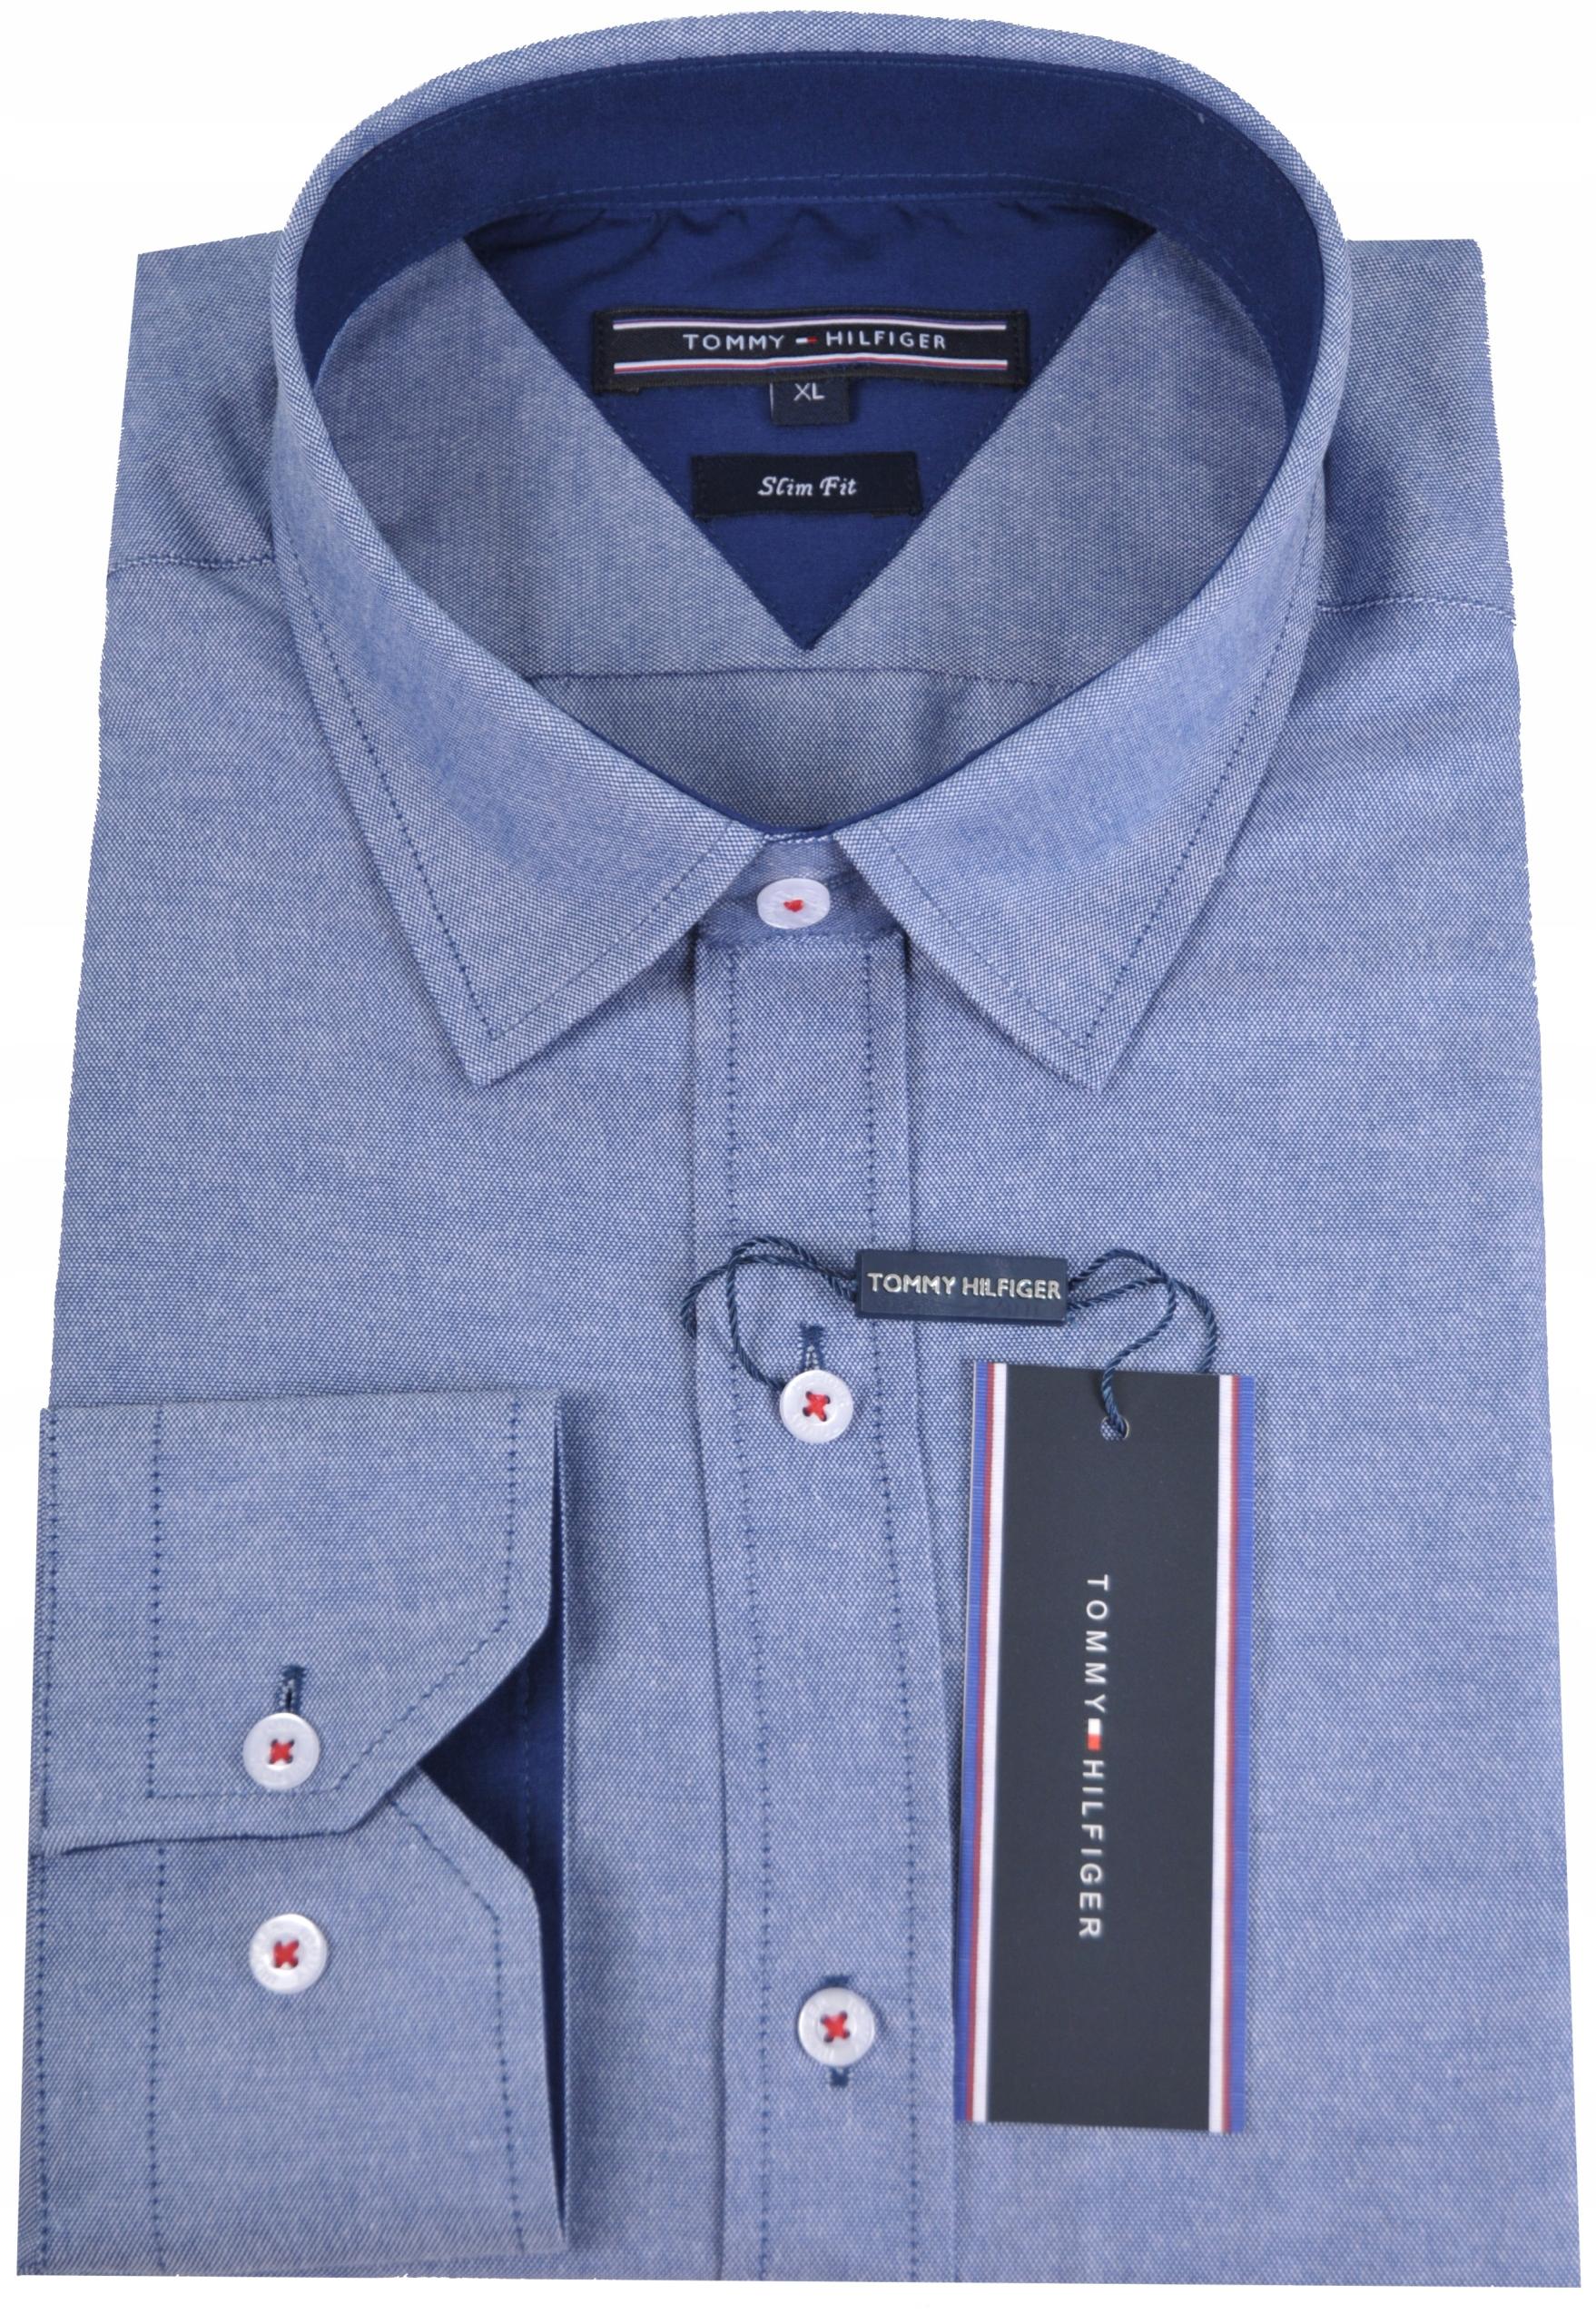 ebf110081f38b Koszula męska Tommy Hilfiger niebieska Slim Fit M - 7701257171 ...